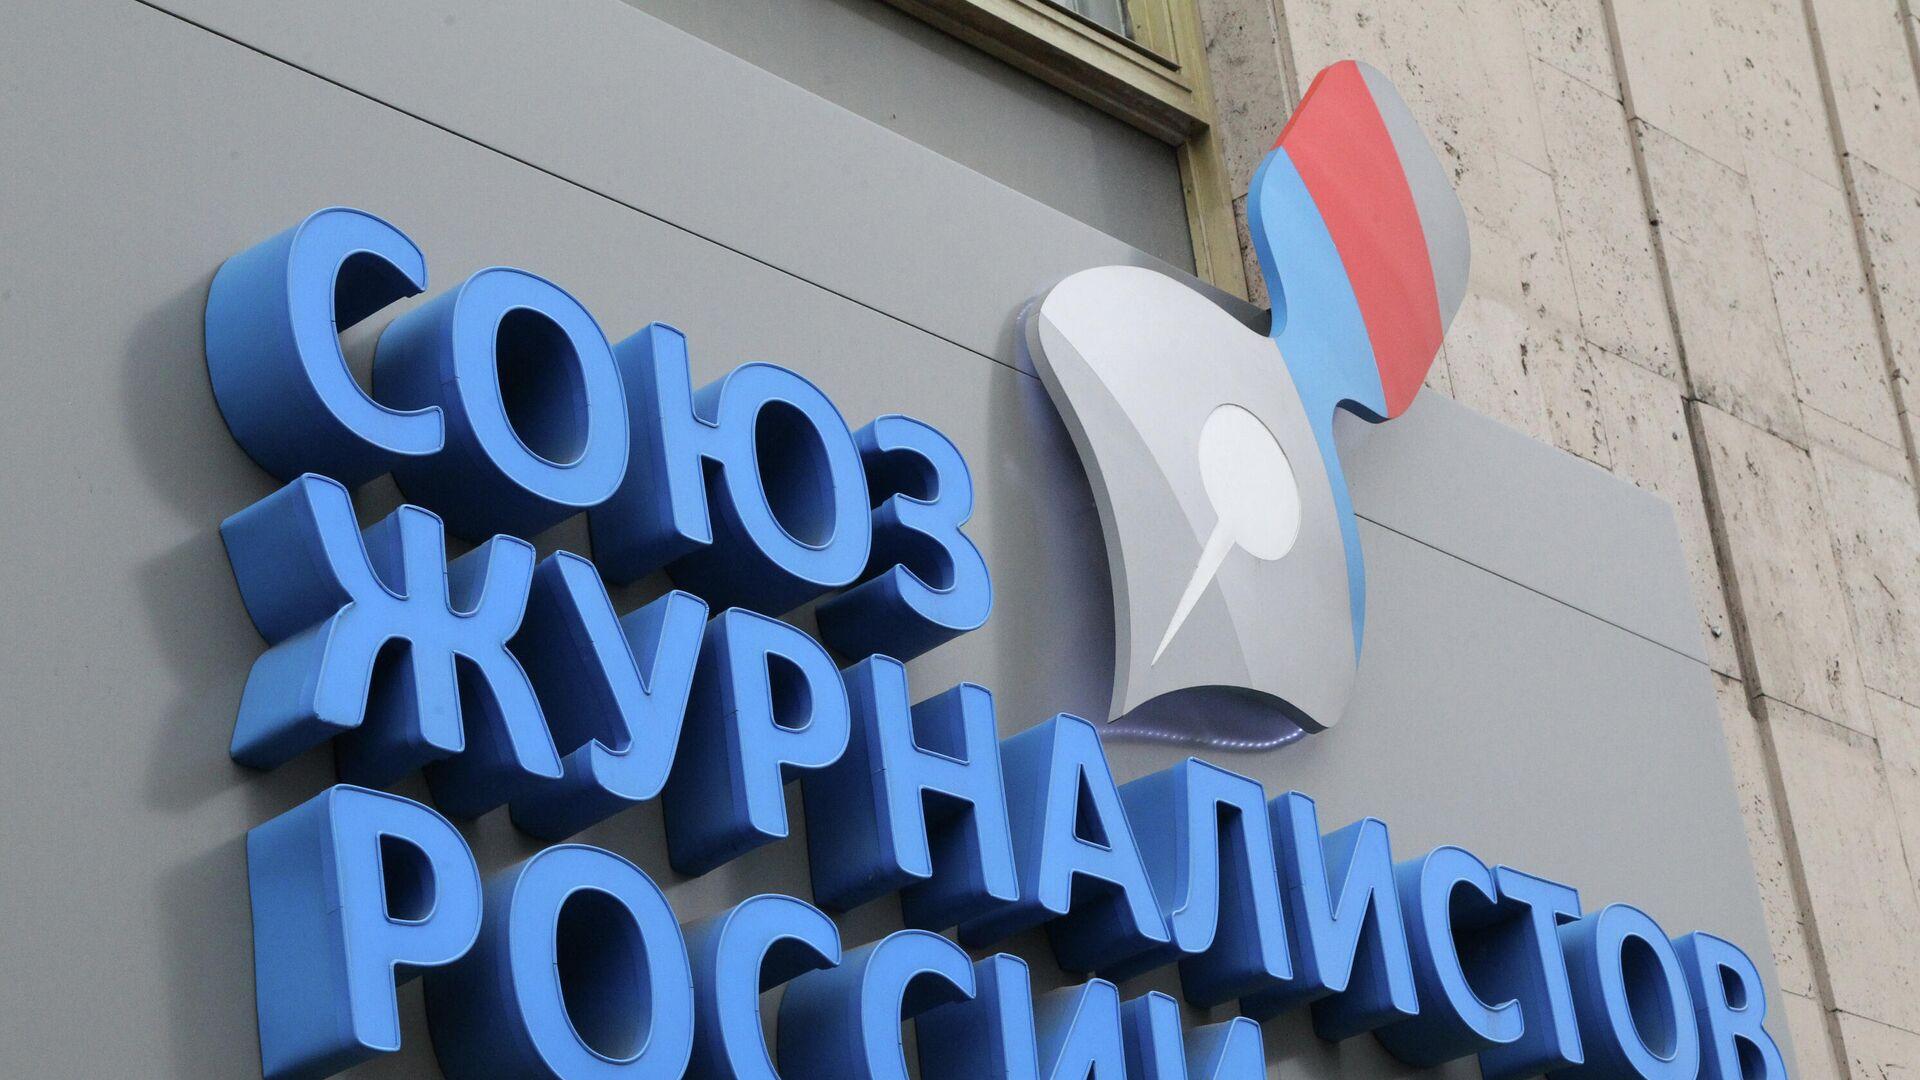 Союз журналистов России потребовал от YouTube восстановить работу каналов группы RT